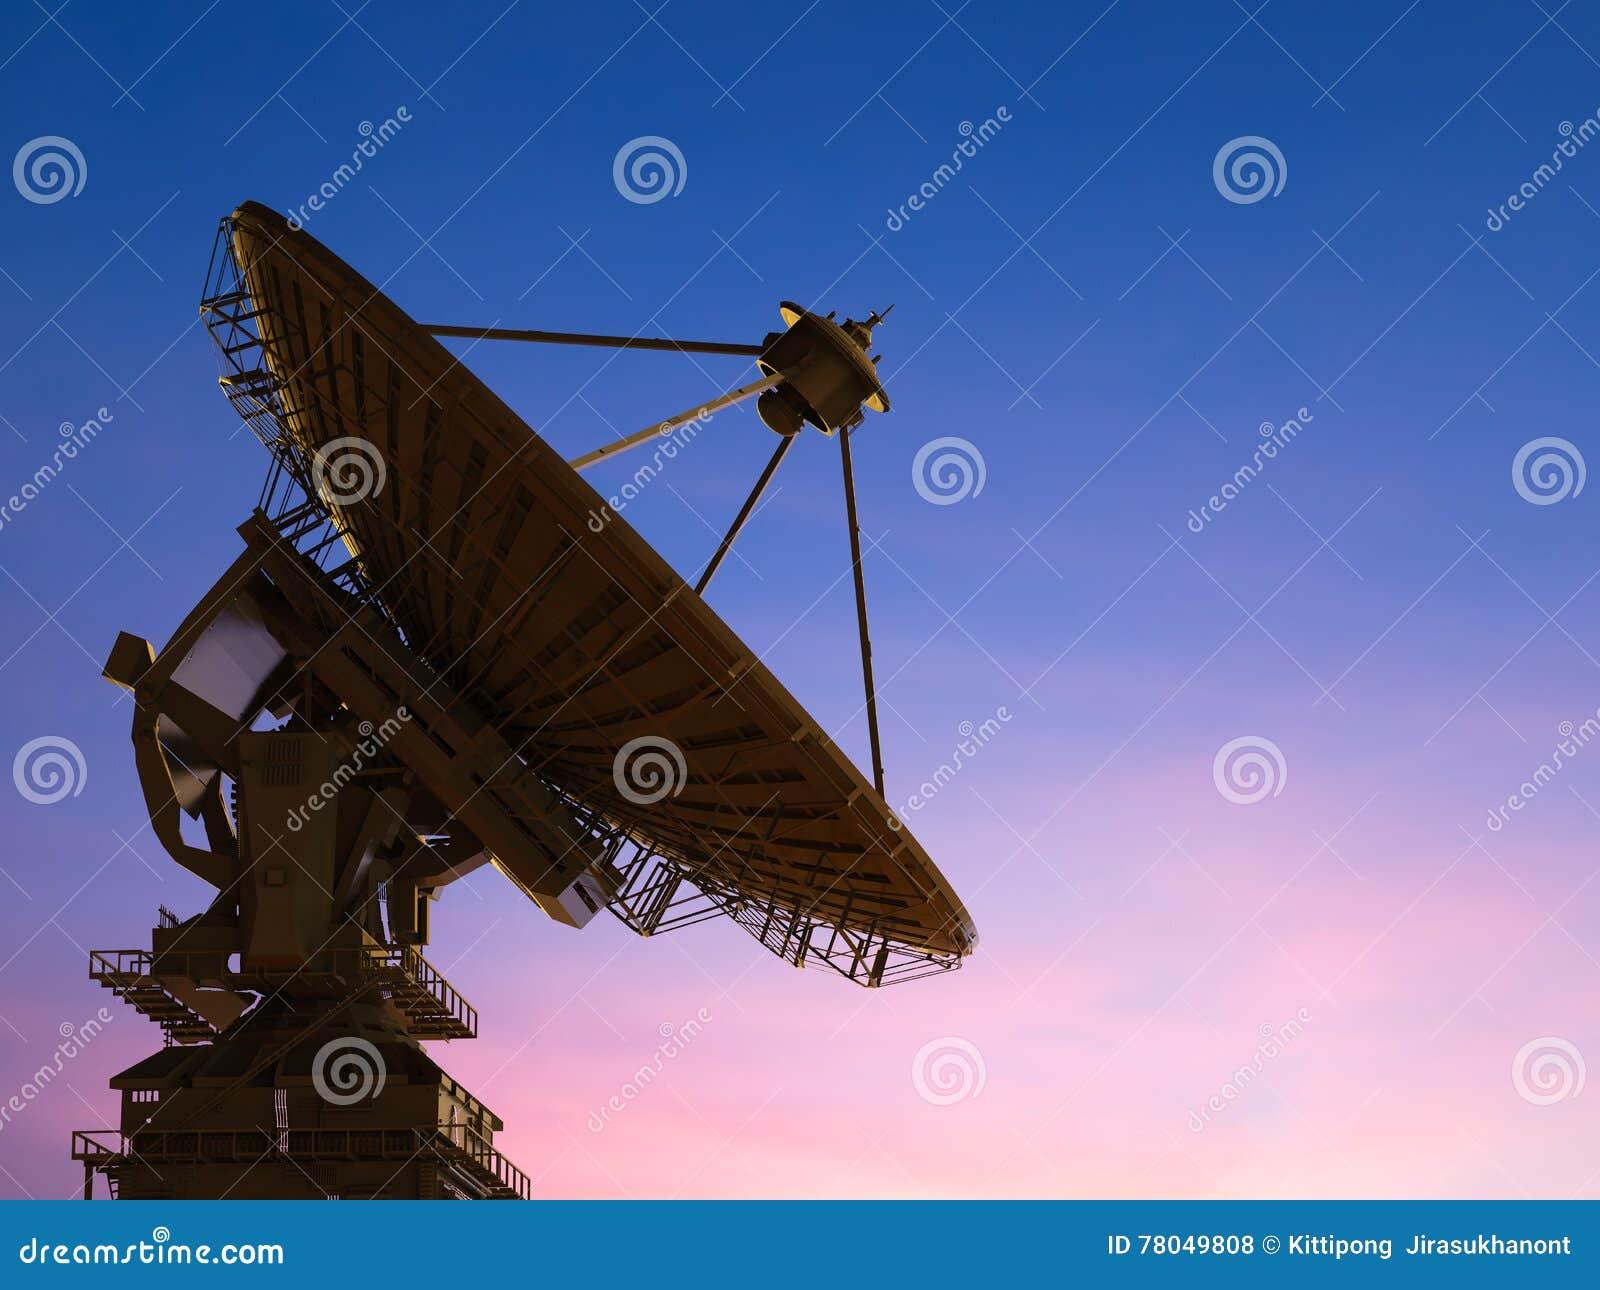 απομονωμένο δορυφορικό απεικόνιση διανυσματικό λευκό πιάτων